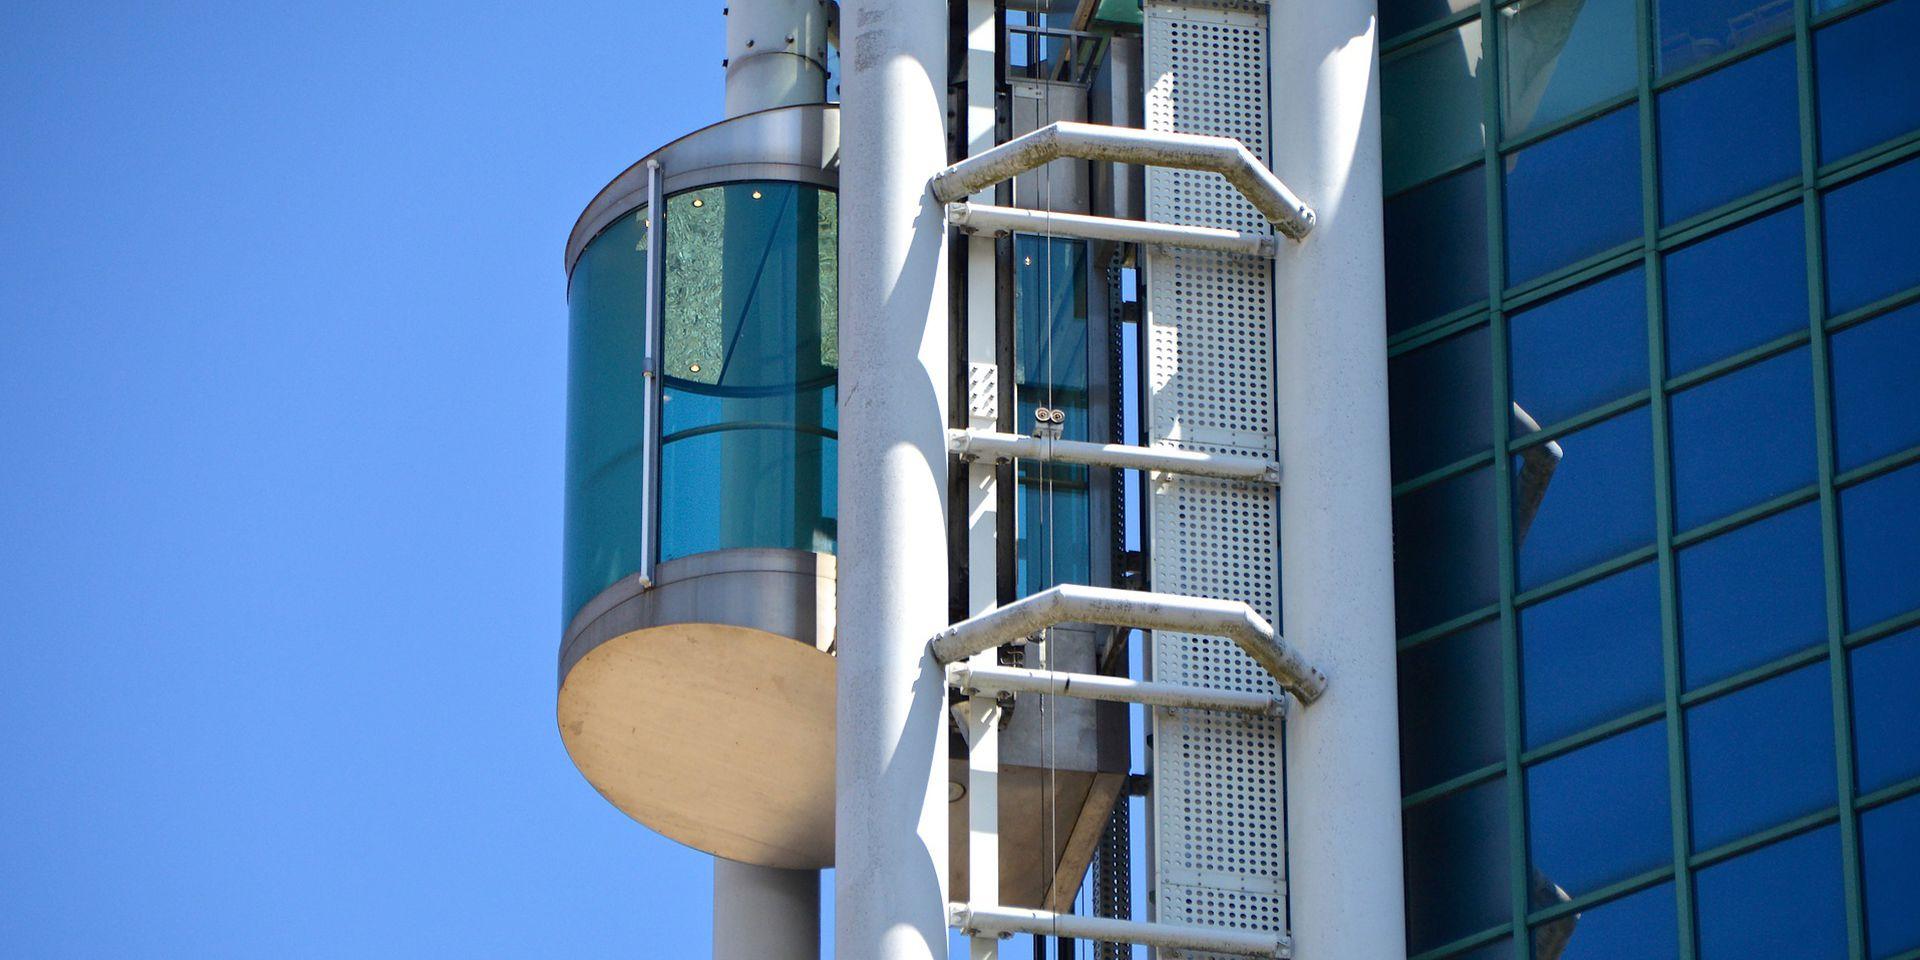 Installazione e Manutenzione Piattaforme Elevatrici